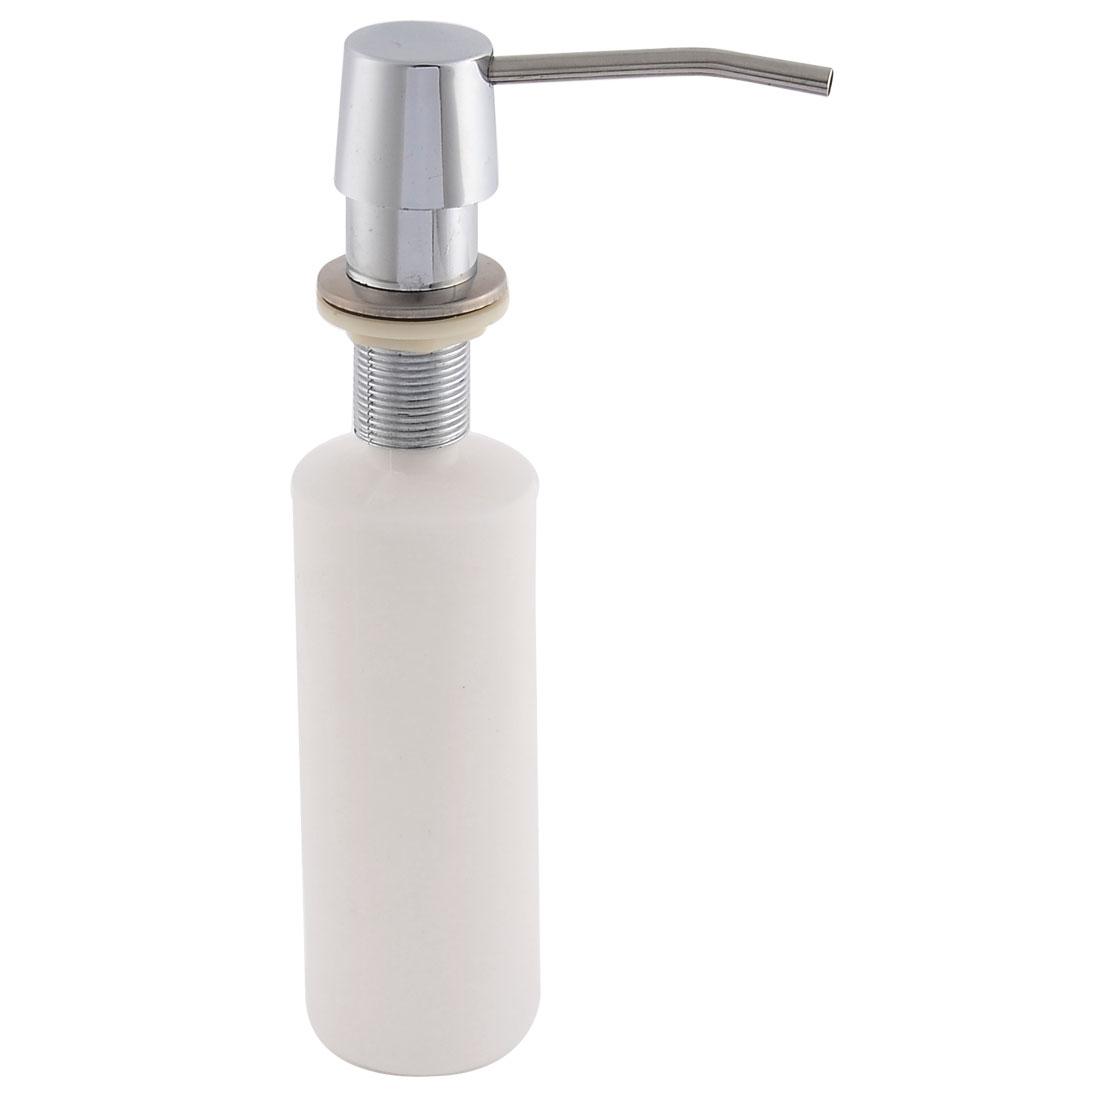 Bathroom Kitchen Press Soap Liquid Faucet Lotion Pump Dispenser 25mm Dia Thread